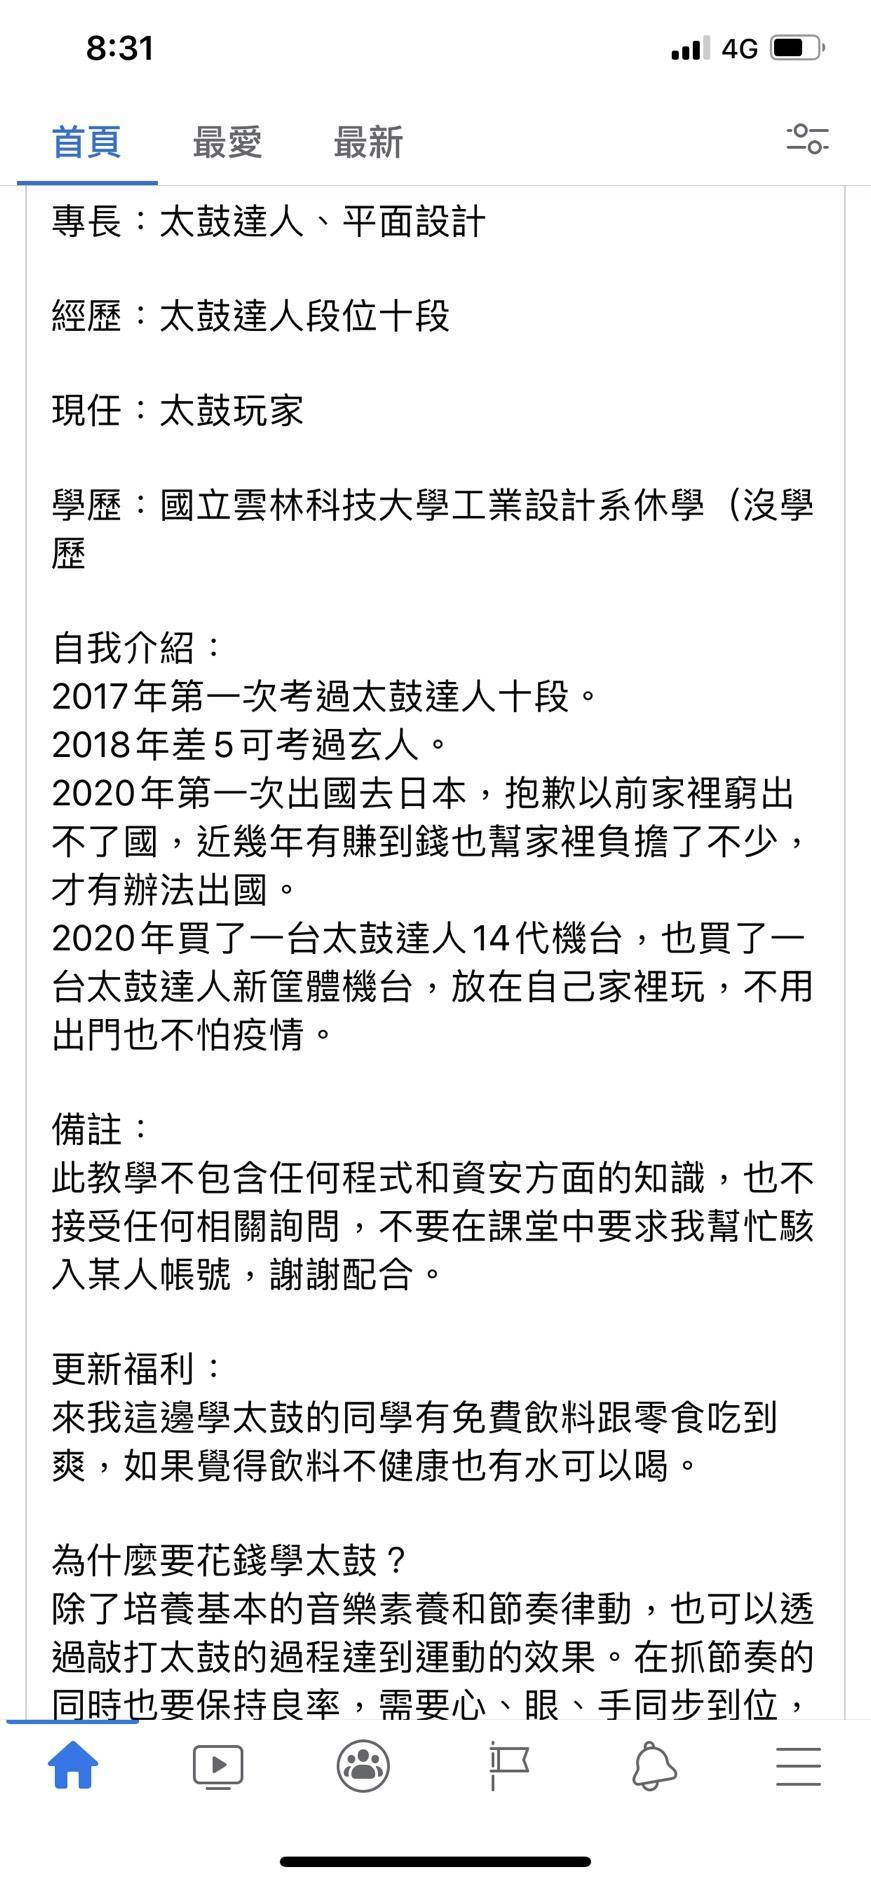 張啟元在家教網貼出的徵求學員PO文內容。